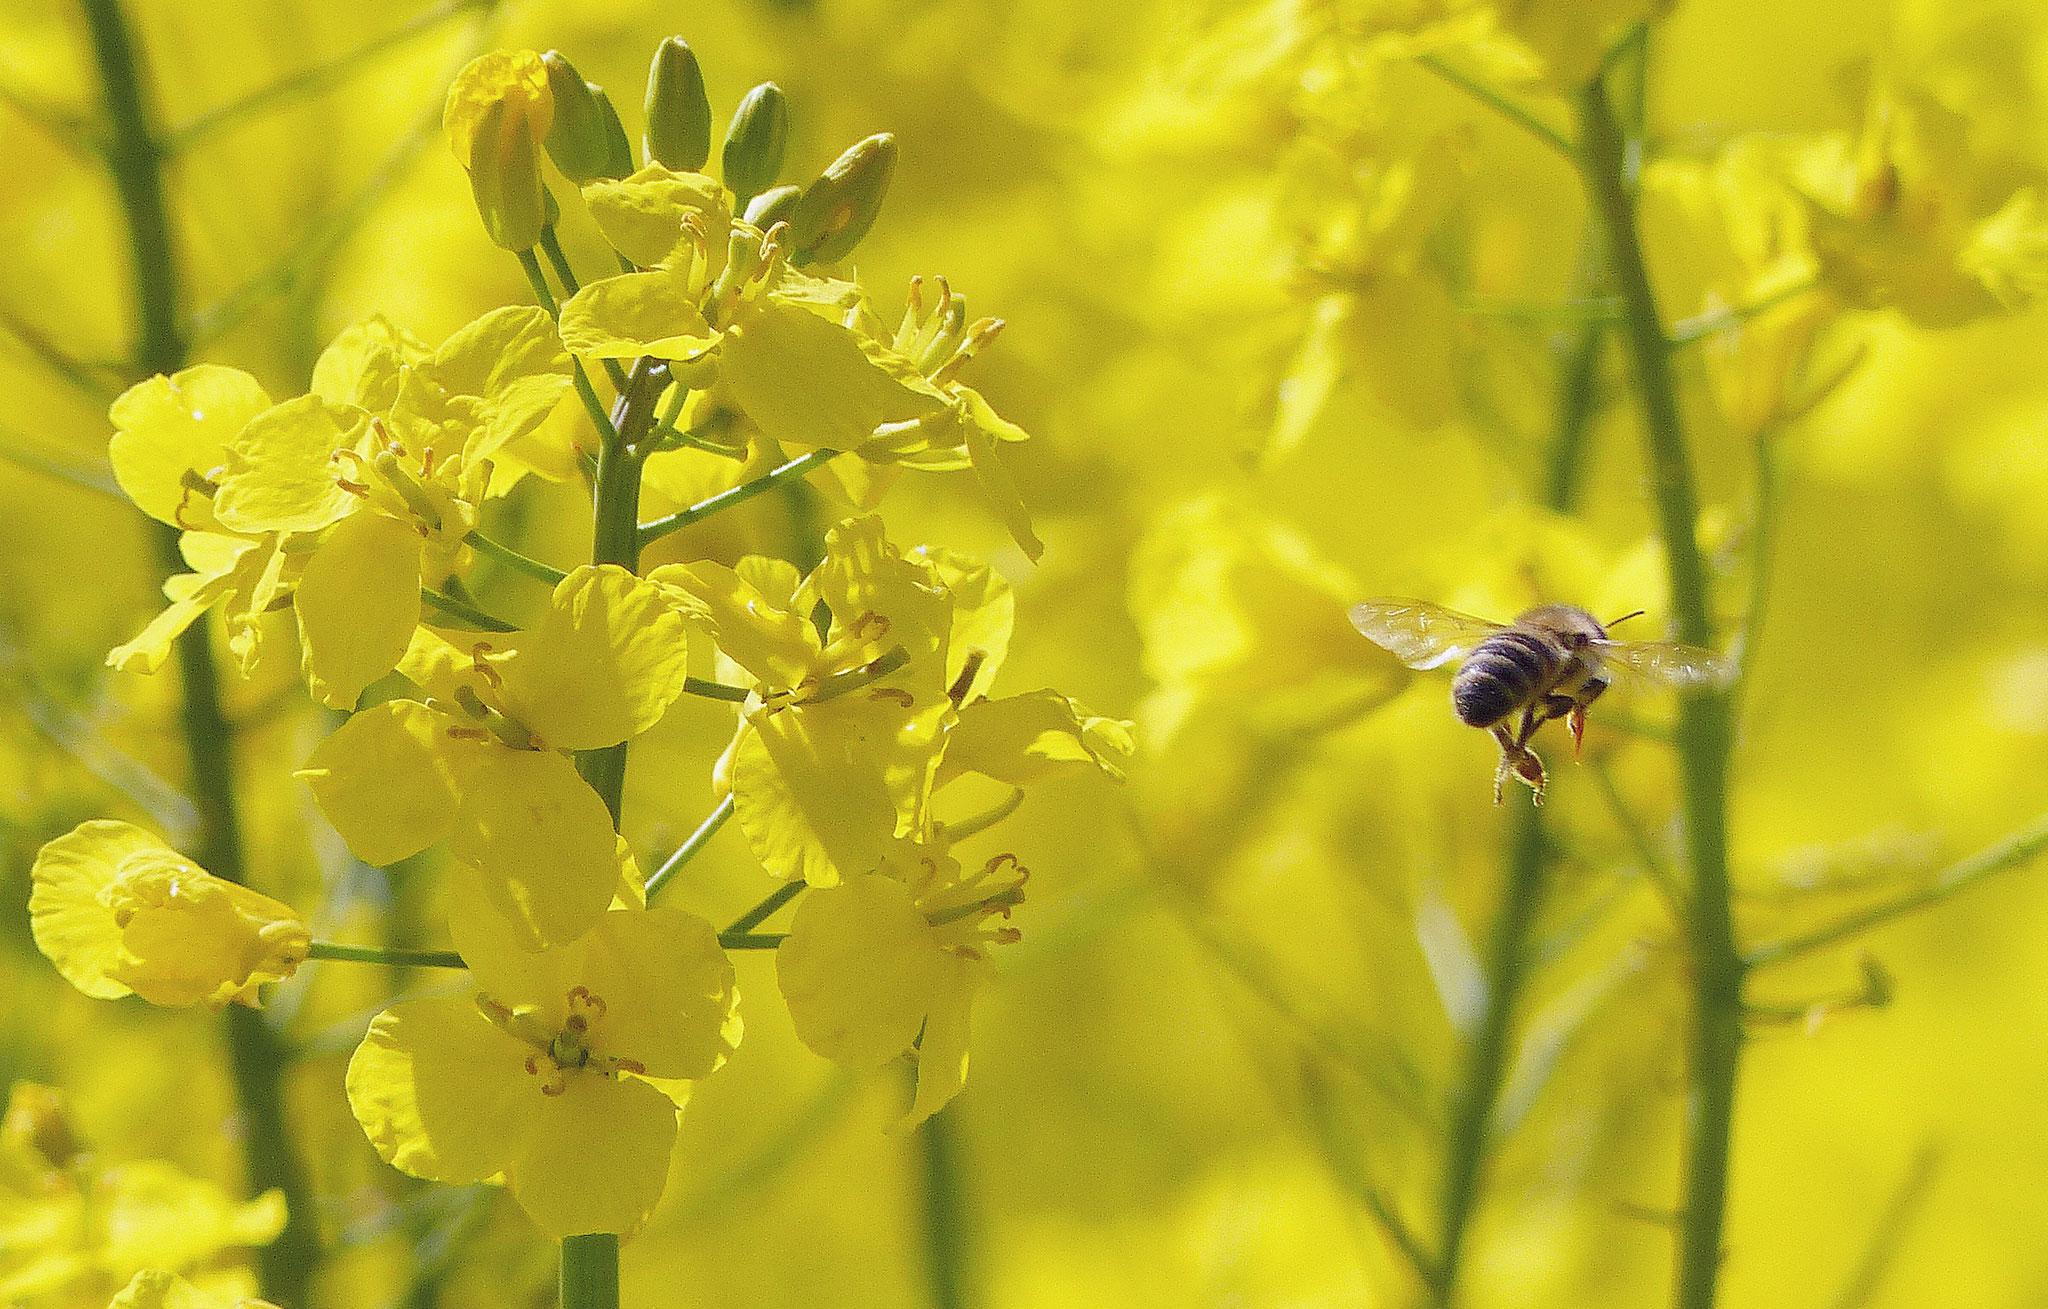 Unsere Bienen sorgen für Bienenwachs und Propolis